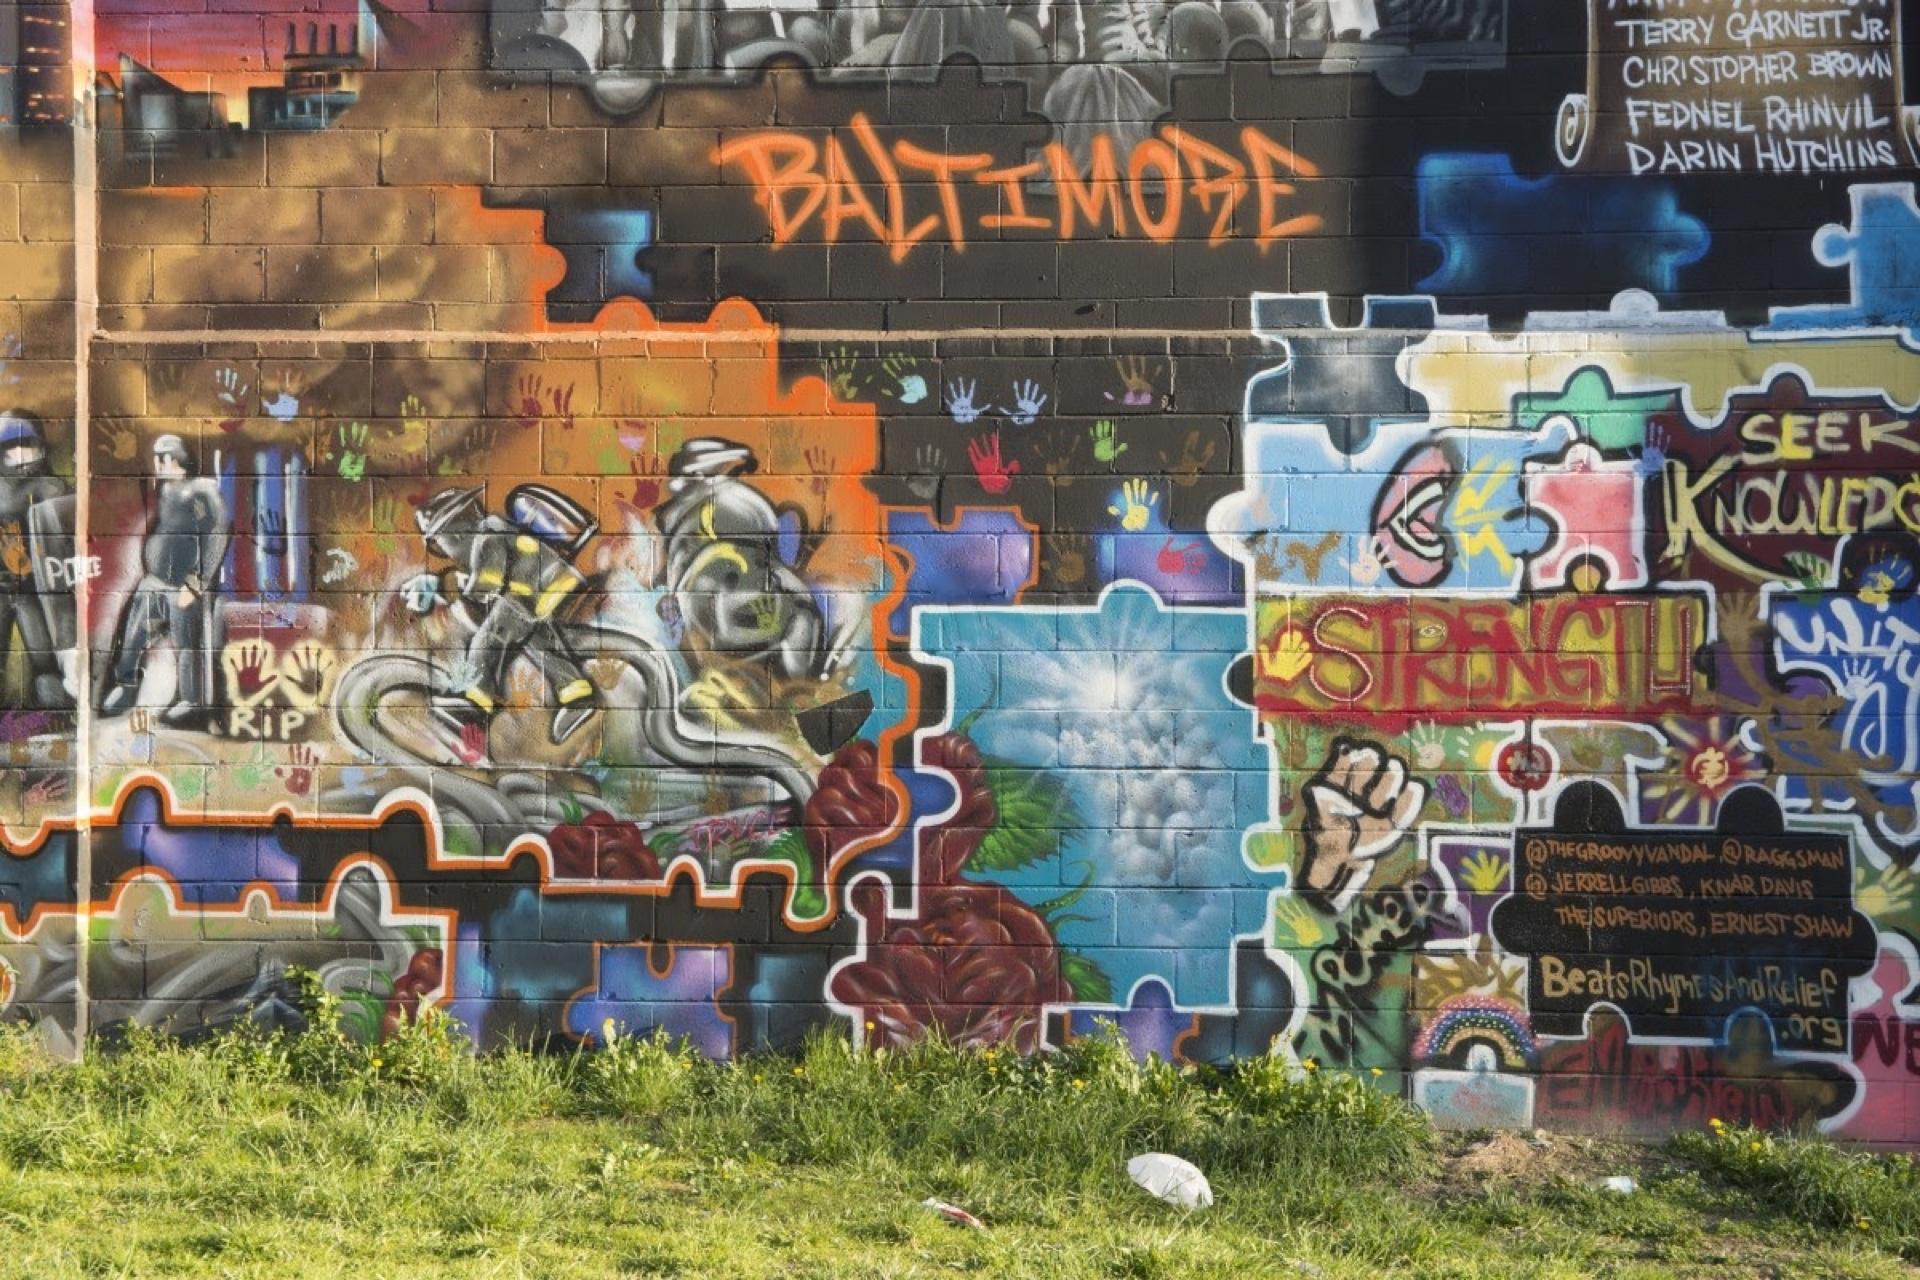 Graffiti in Baltimore